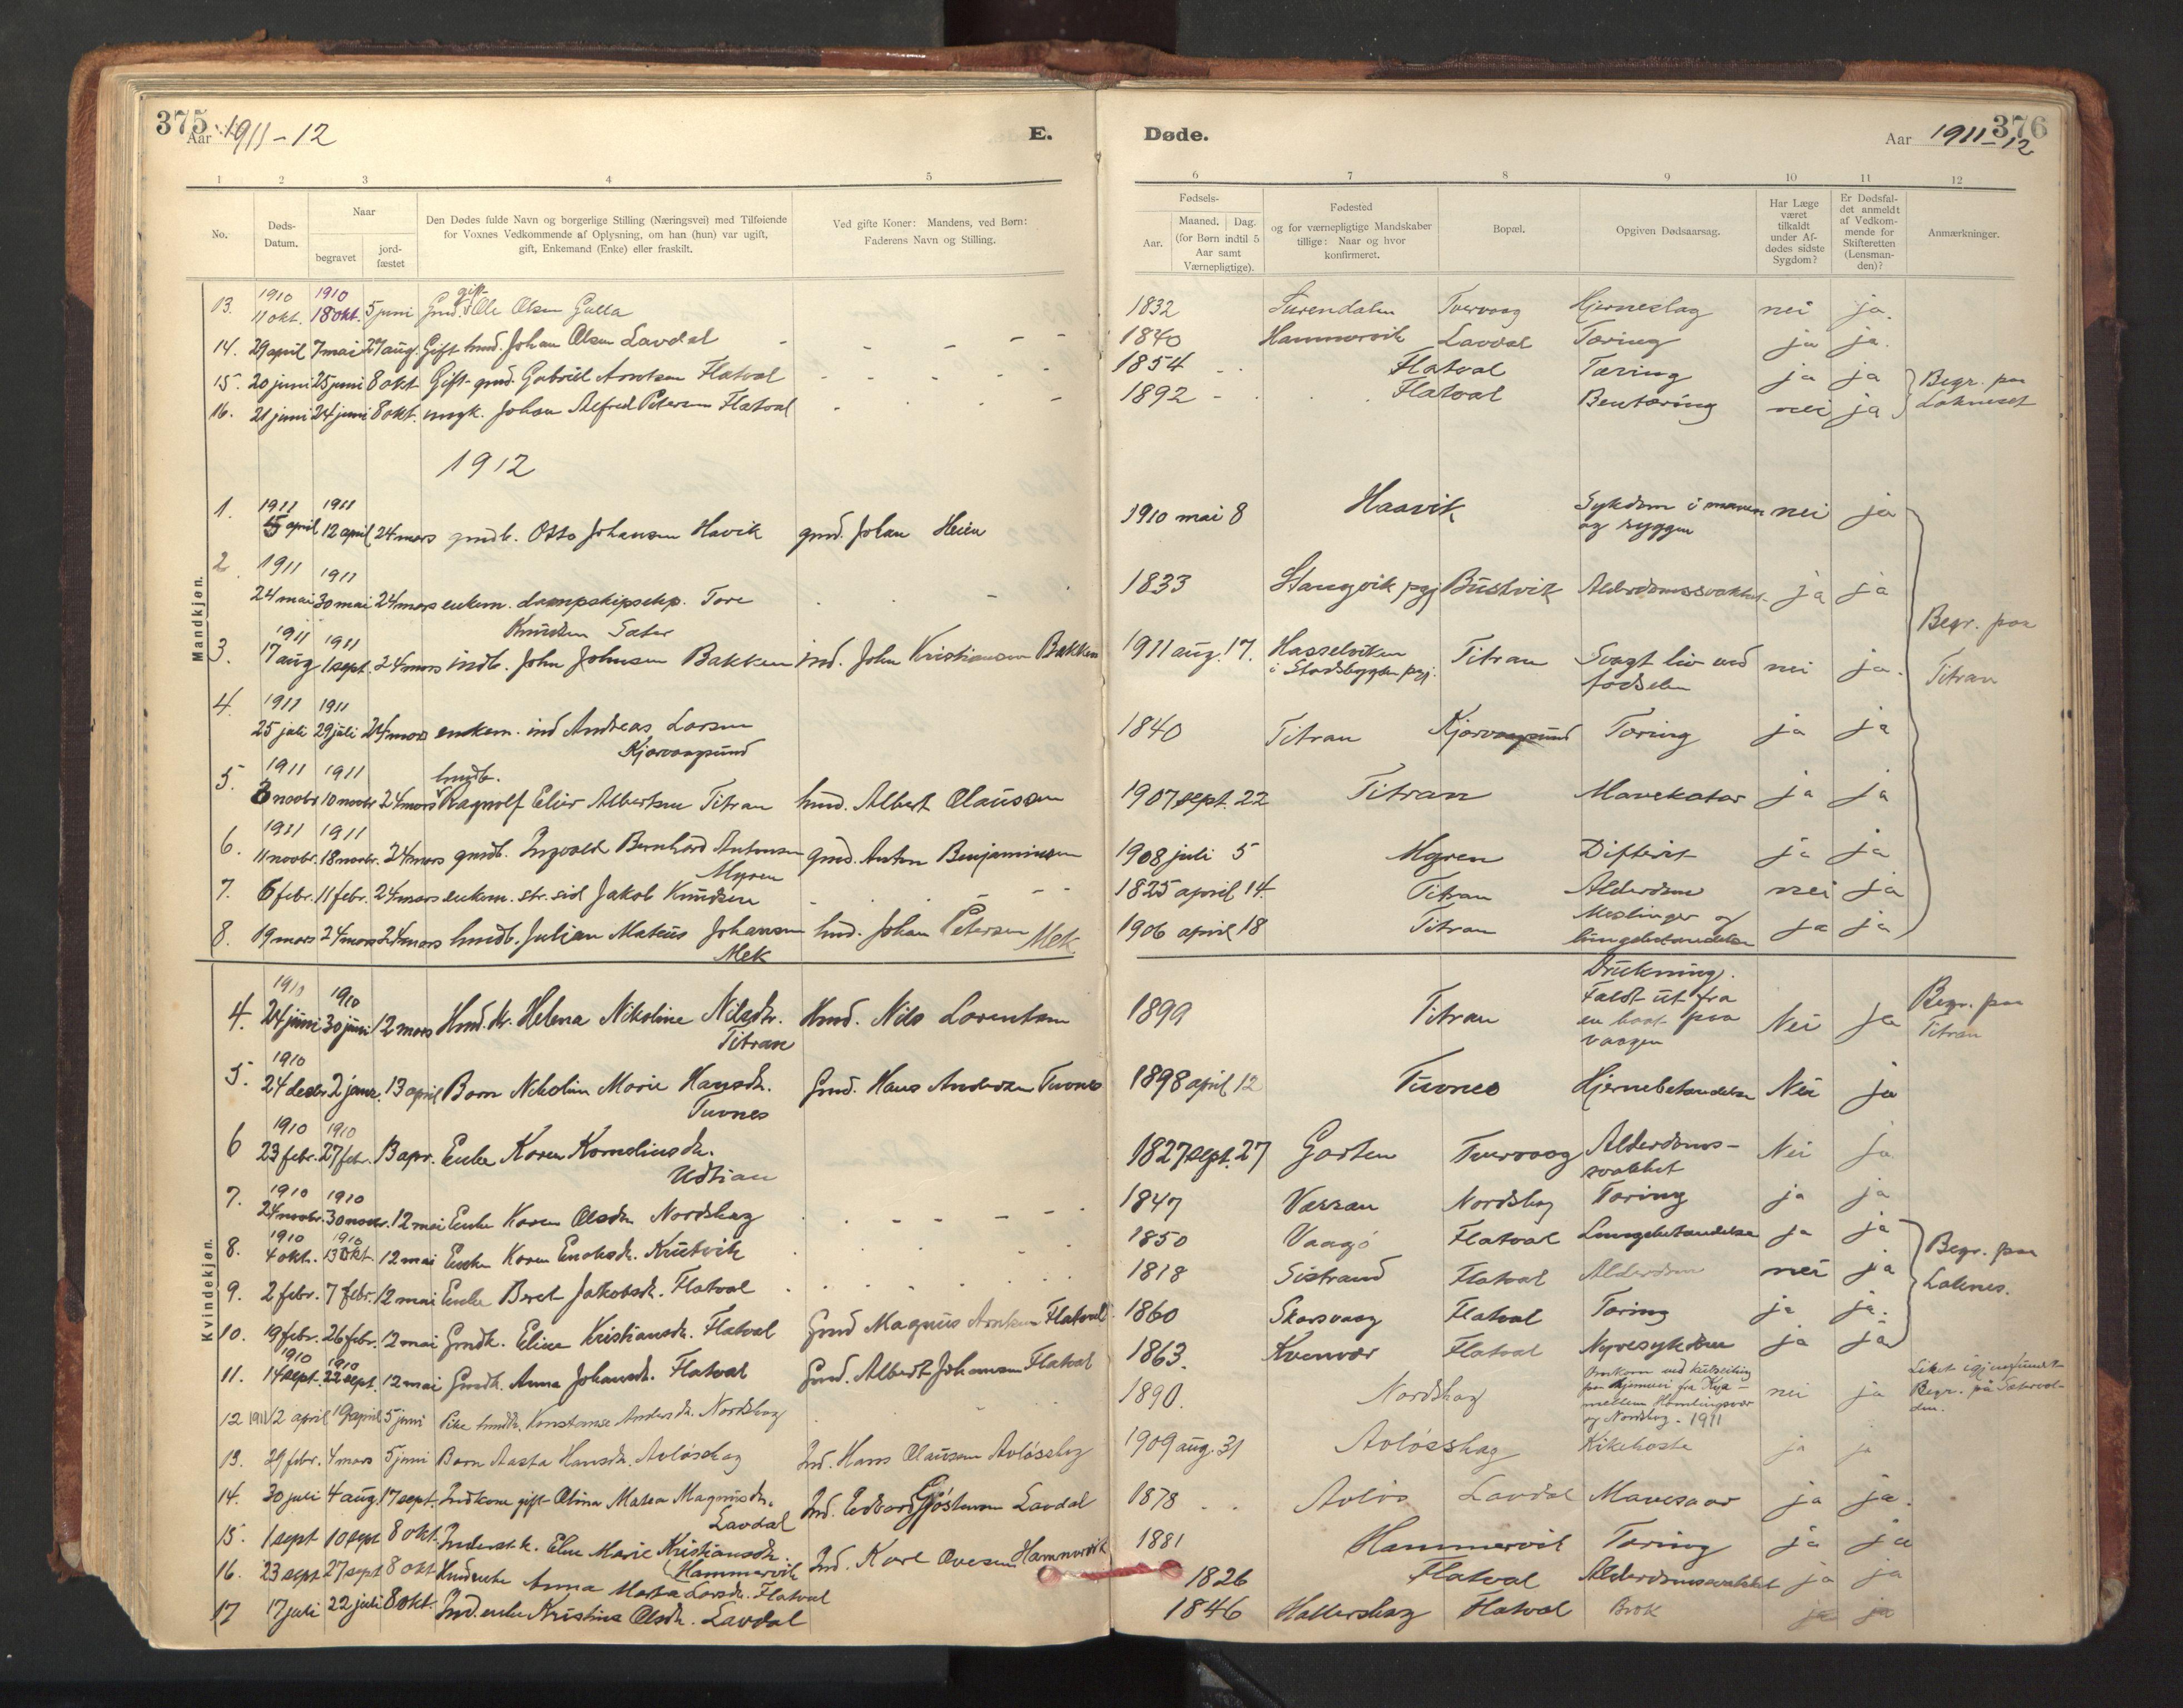 SAT, Ministerialprotokoller, klokkerbøker og fødselsregistre - Sør-Trøndelag, 641/L0596: Ministerialbok nr. 641A02, 1898-1915, s. 375-376